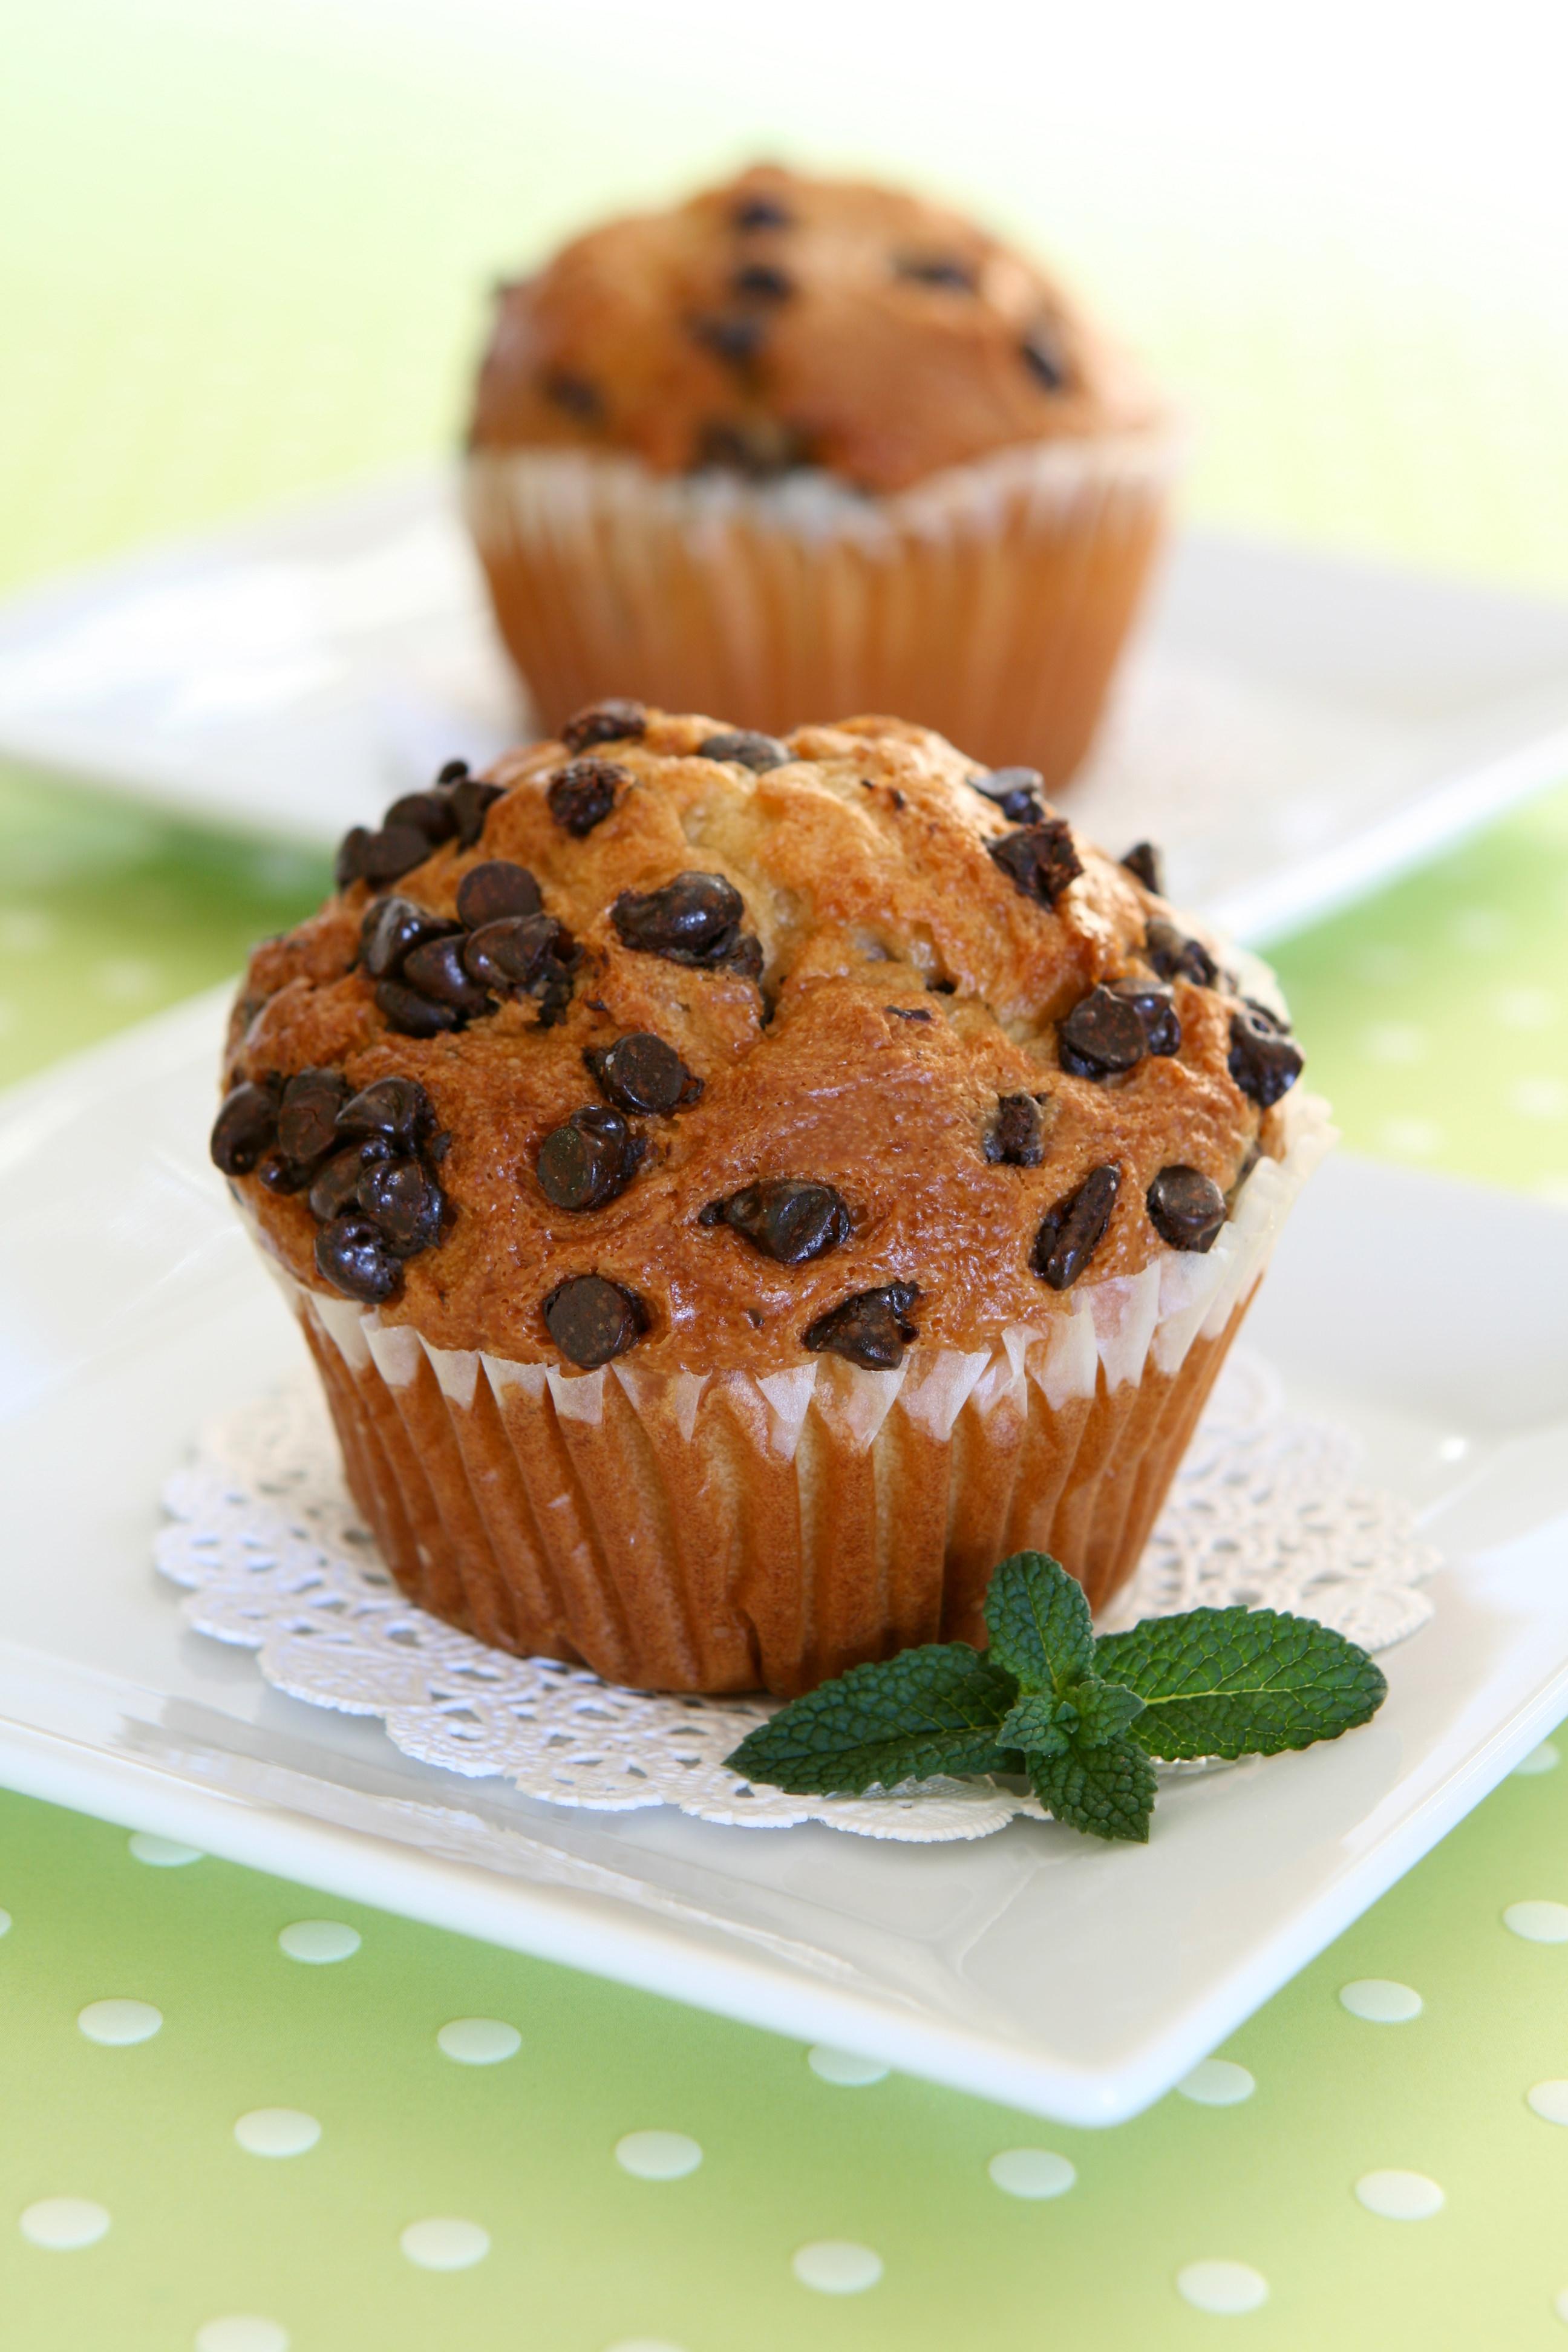 Recette des muffins recette de cuisine americaine recette - Recette traditionnelle cuisine americaine ...